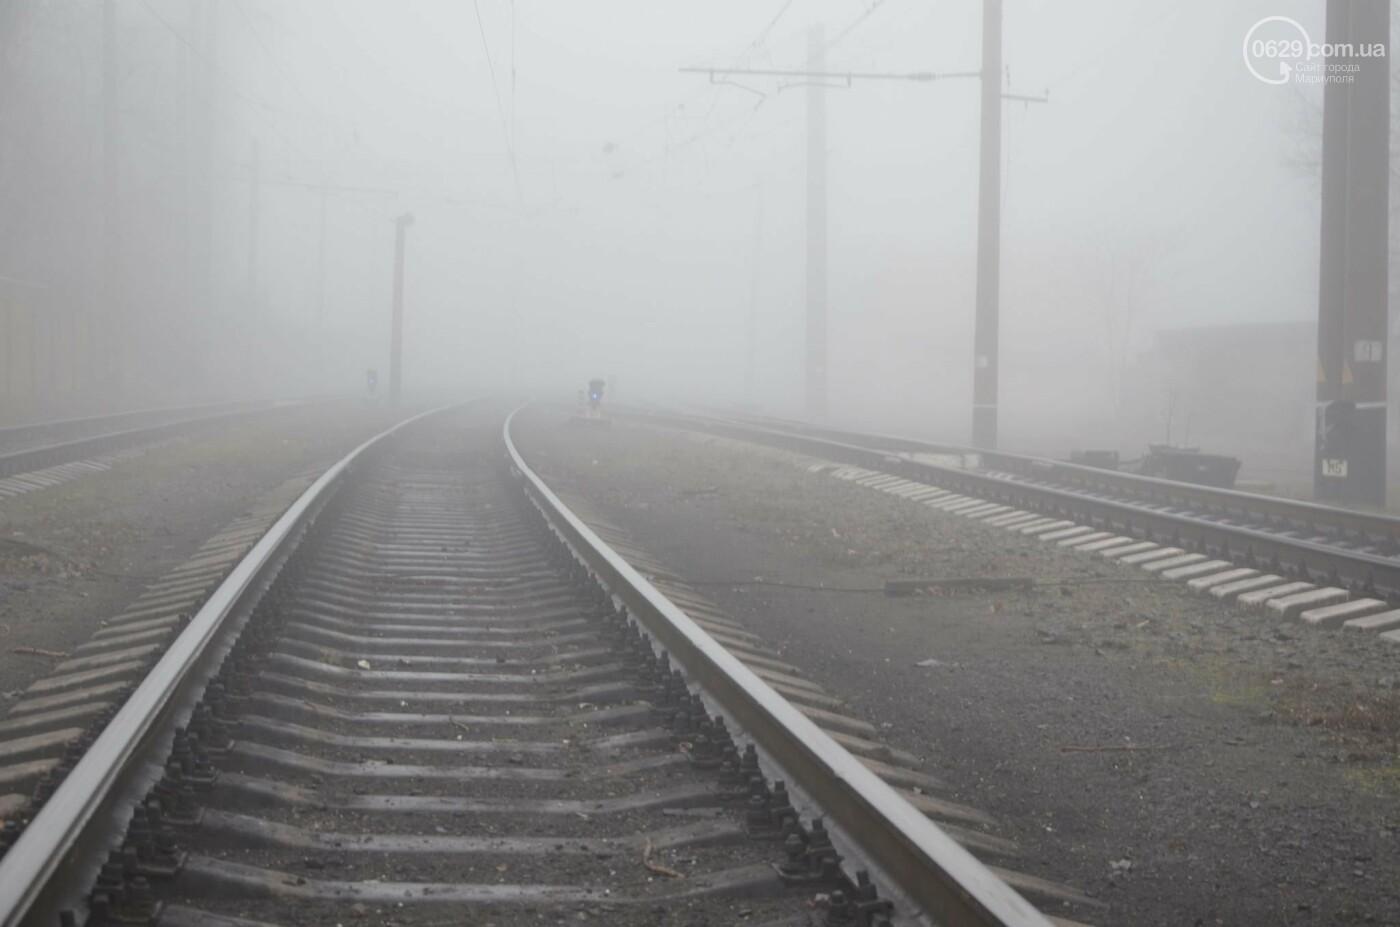 Мариуполь в тумане, усиливаются неблагоприятные метеорологические условия, - ФОТО, фото-3